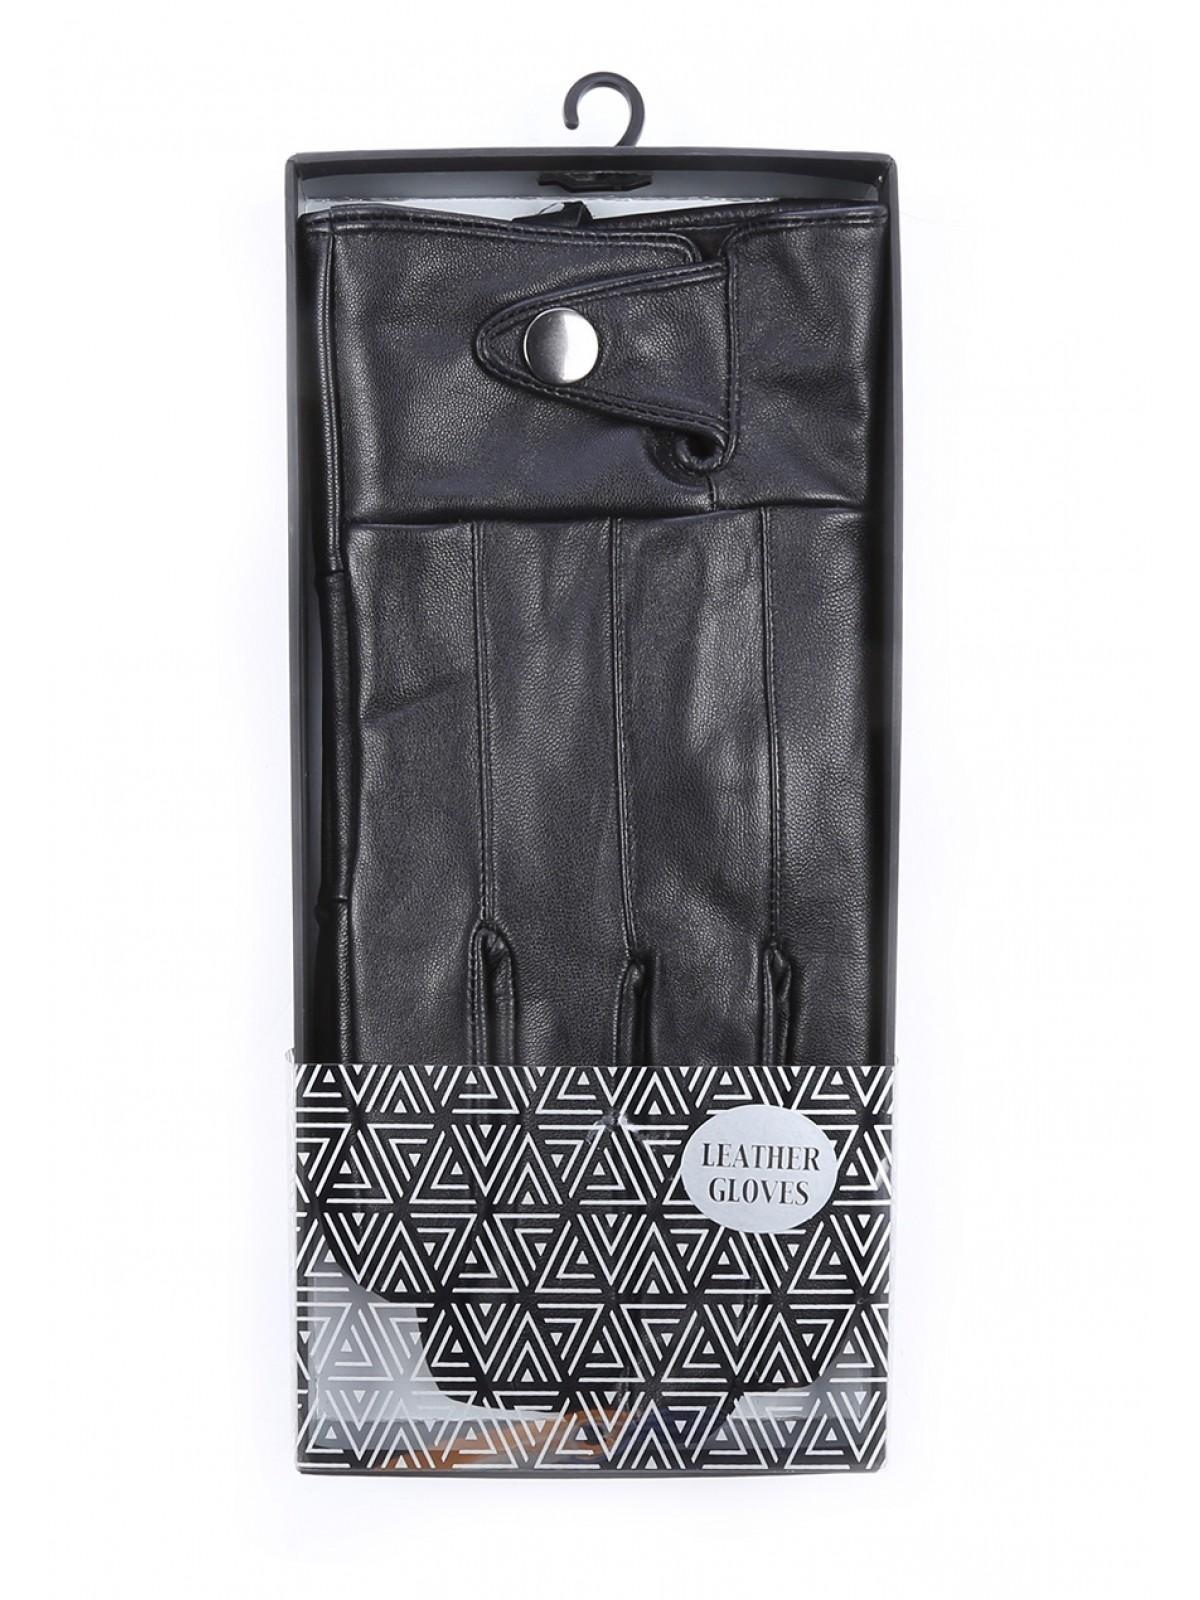 Mens Black Leather Gloves Gift Box